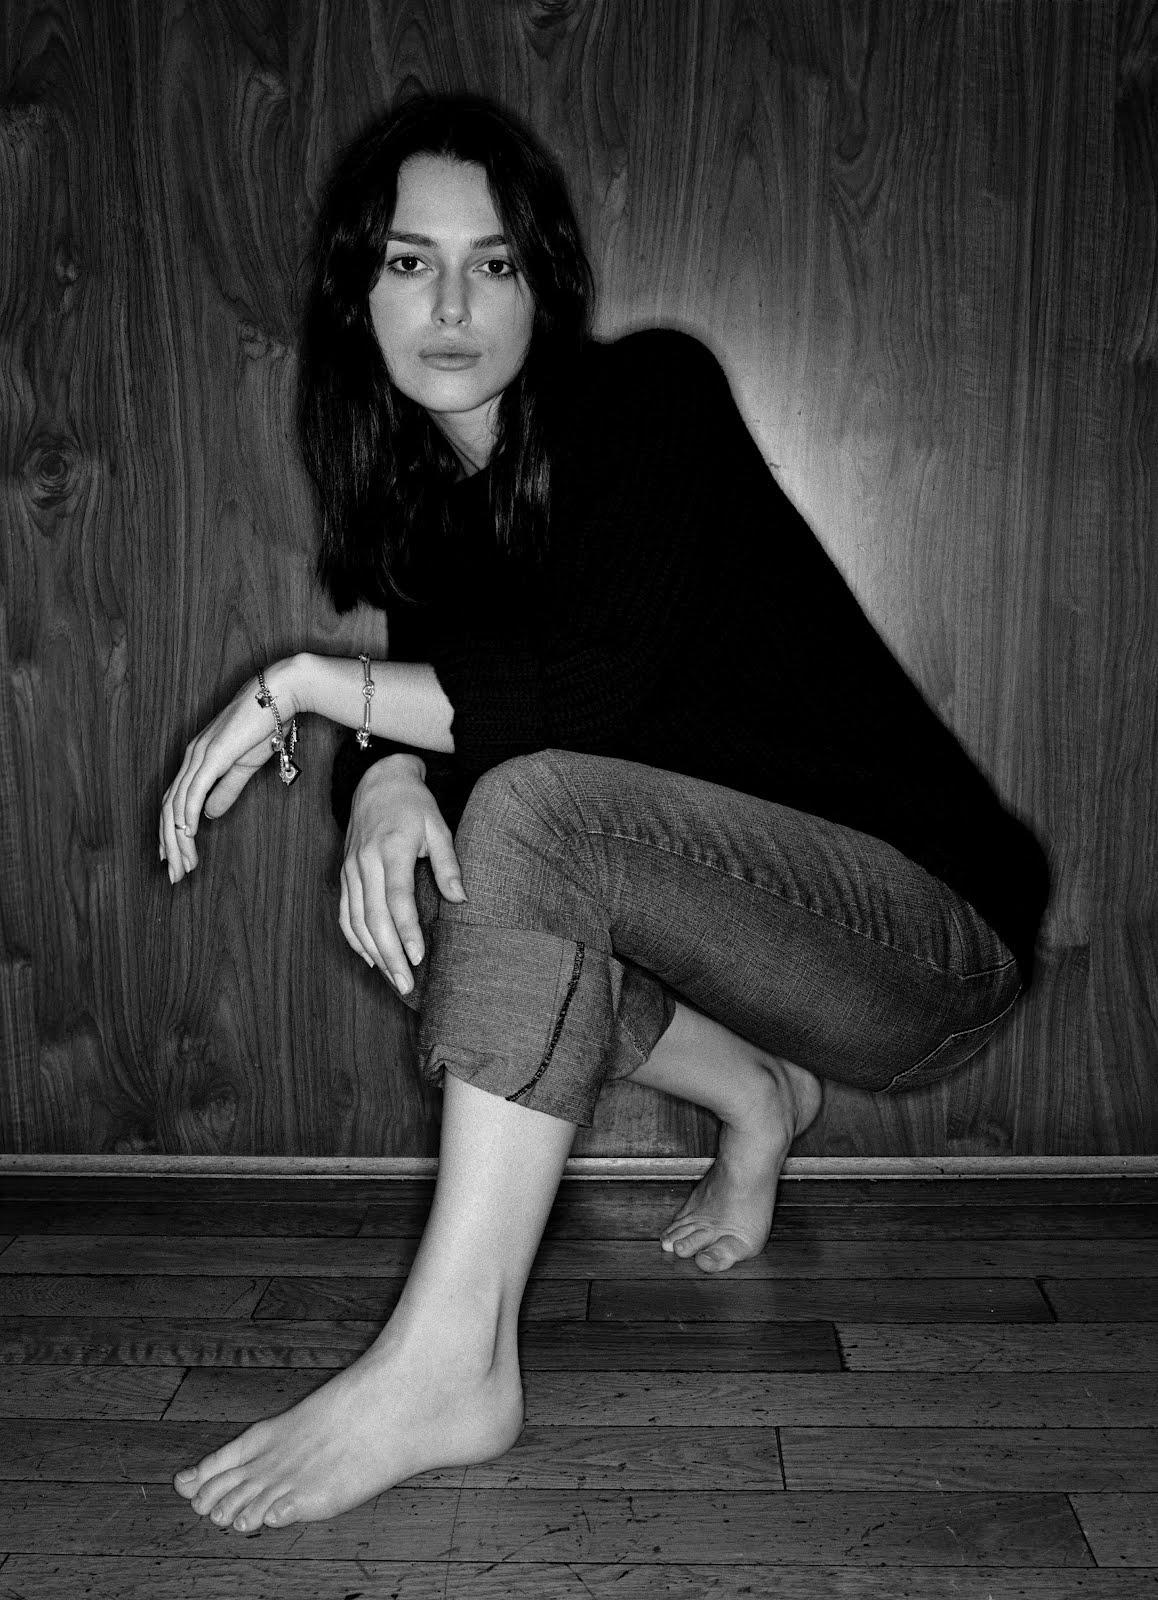 http://2.bp.blogspot.com/-1yKsiPfgzmE/T7j1o16wpGI/AAAAAAAAFGI/V1xIooH9zH4/s1600/Keira-Knightley-Feet-345027.jpg